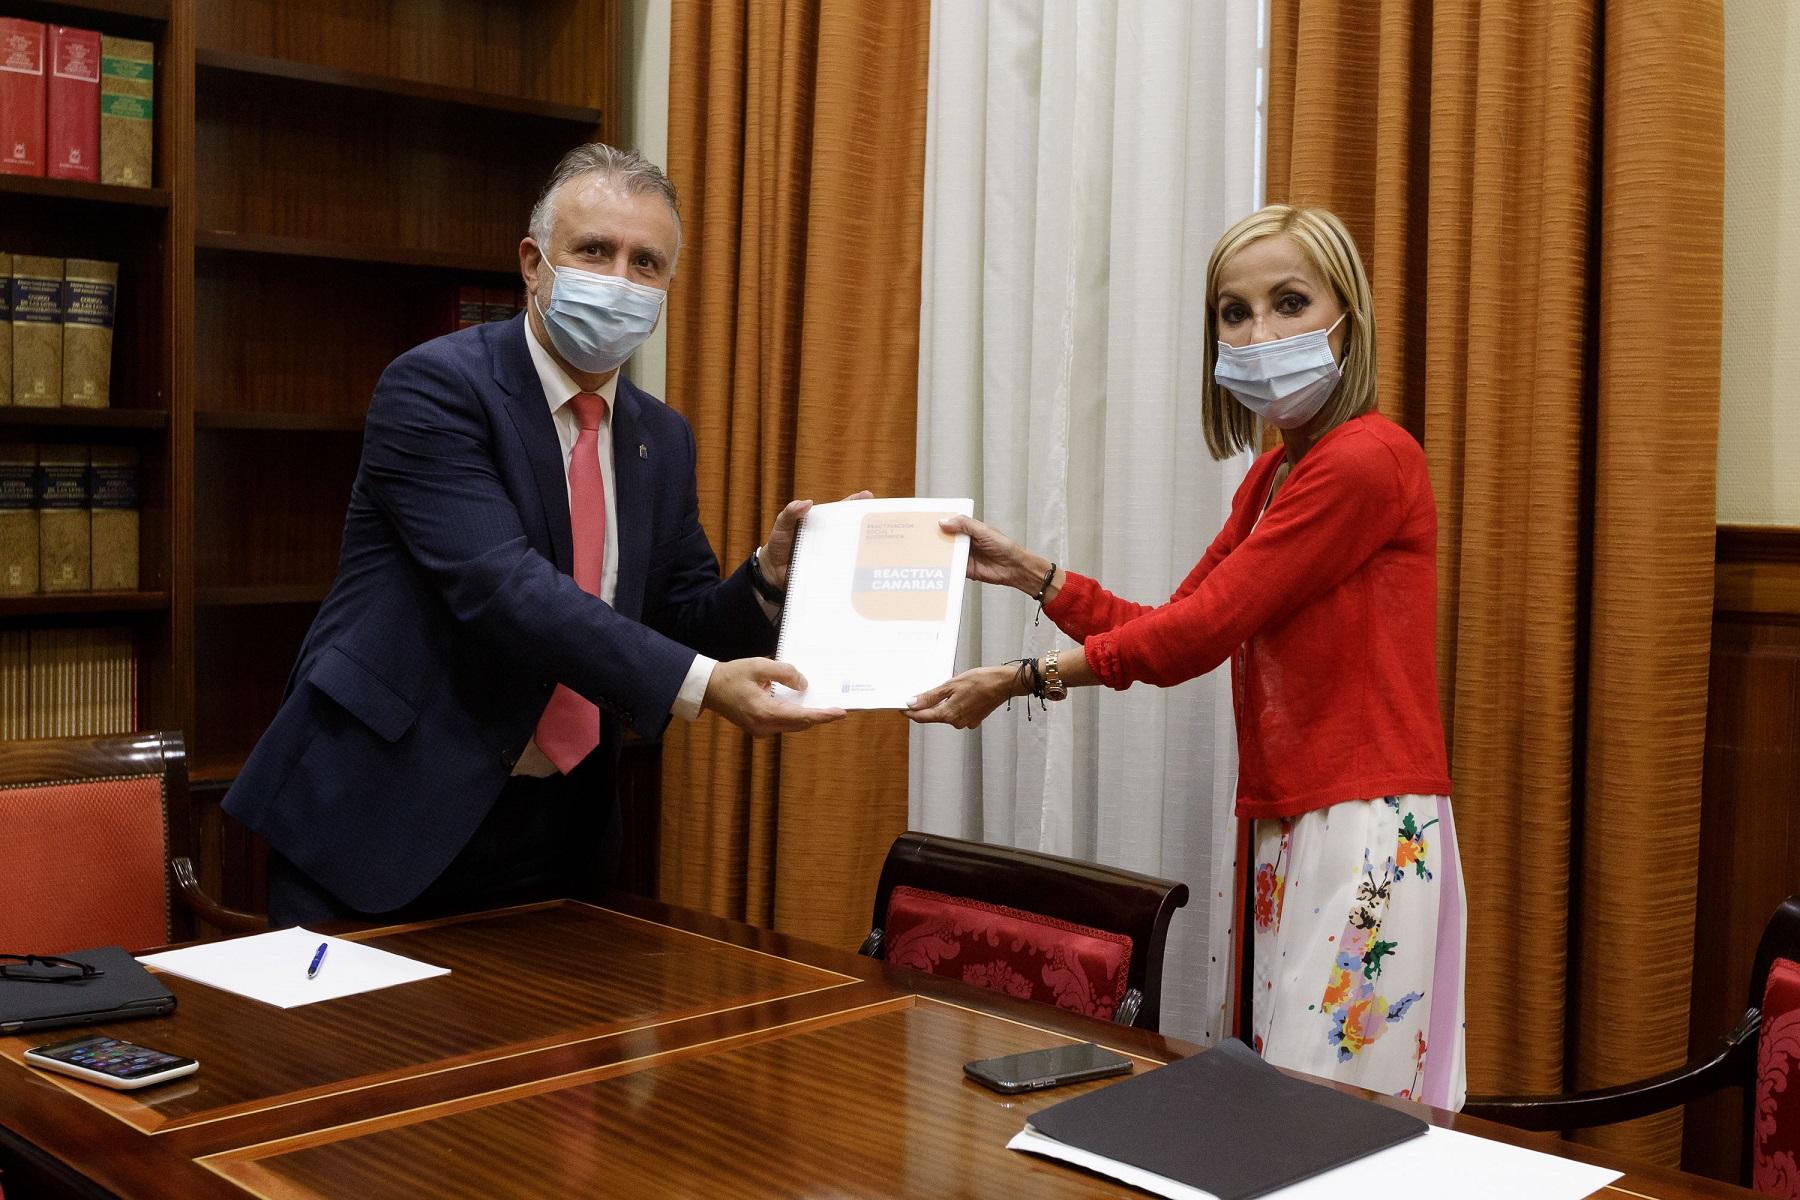 Torres sostiene que el Plan Reactiva Canarias cuenta con garantías económicas y anima a los partidos a un acuerdo unánime en el Parlamento